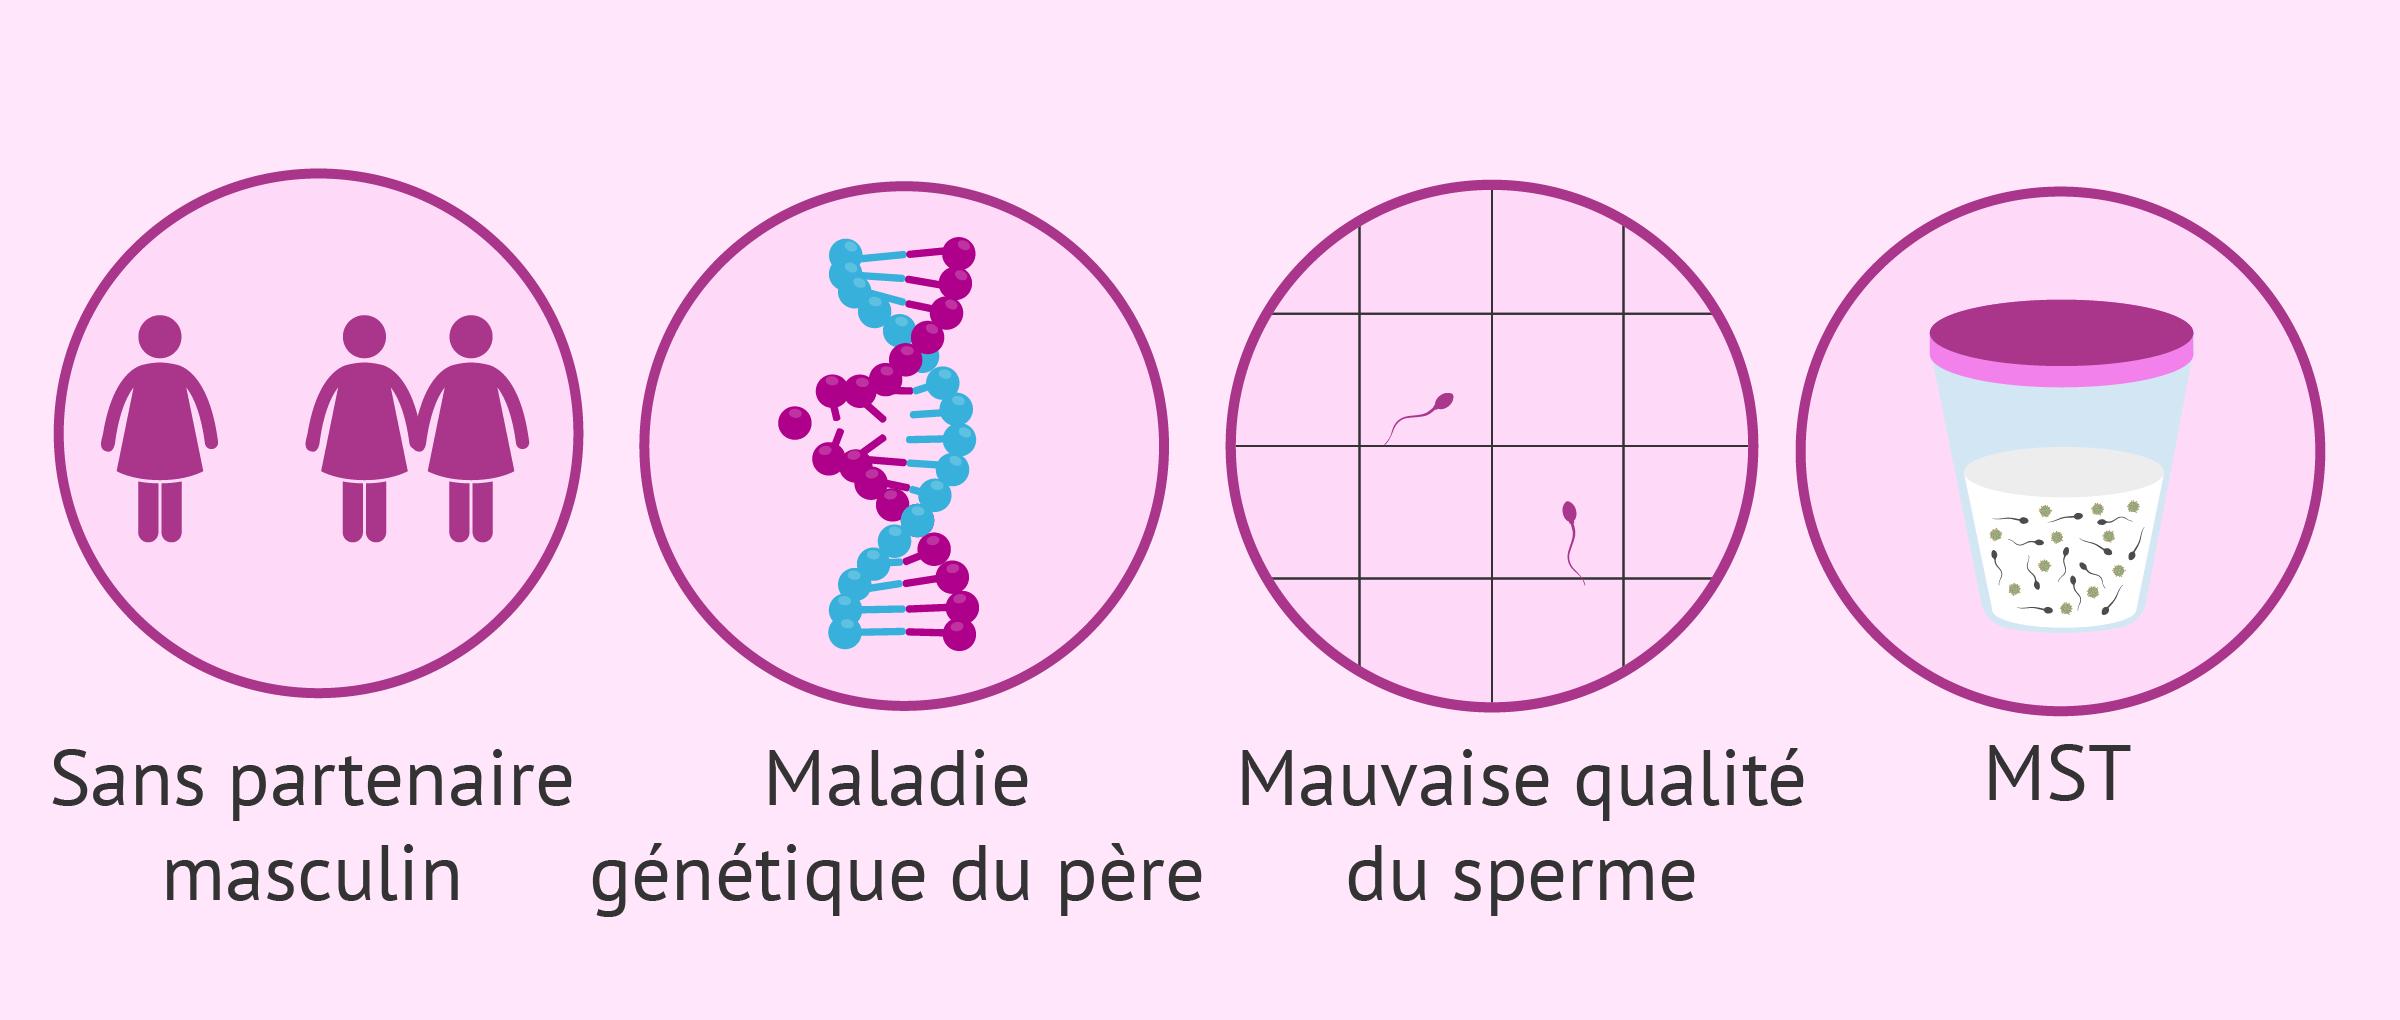 Indications de l'insémination artificielle avec du sperme de donneur